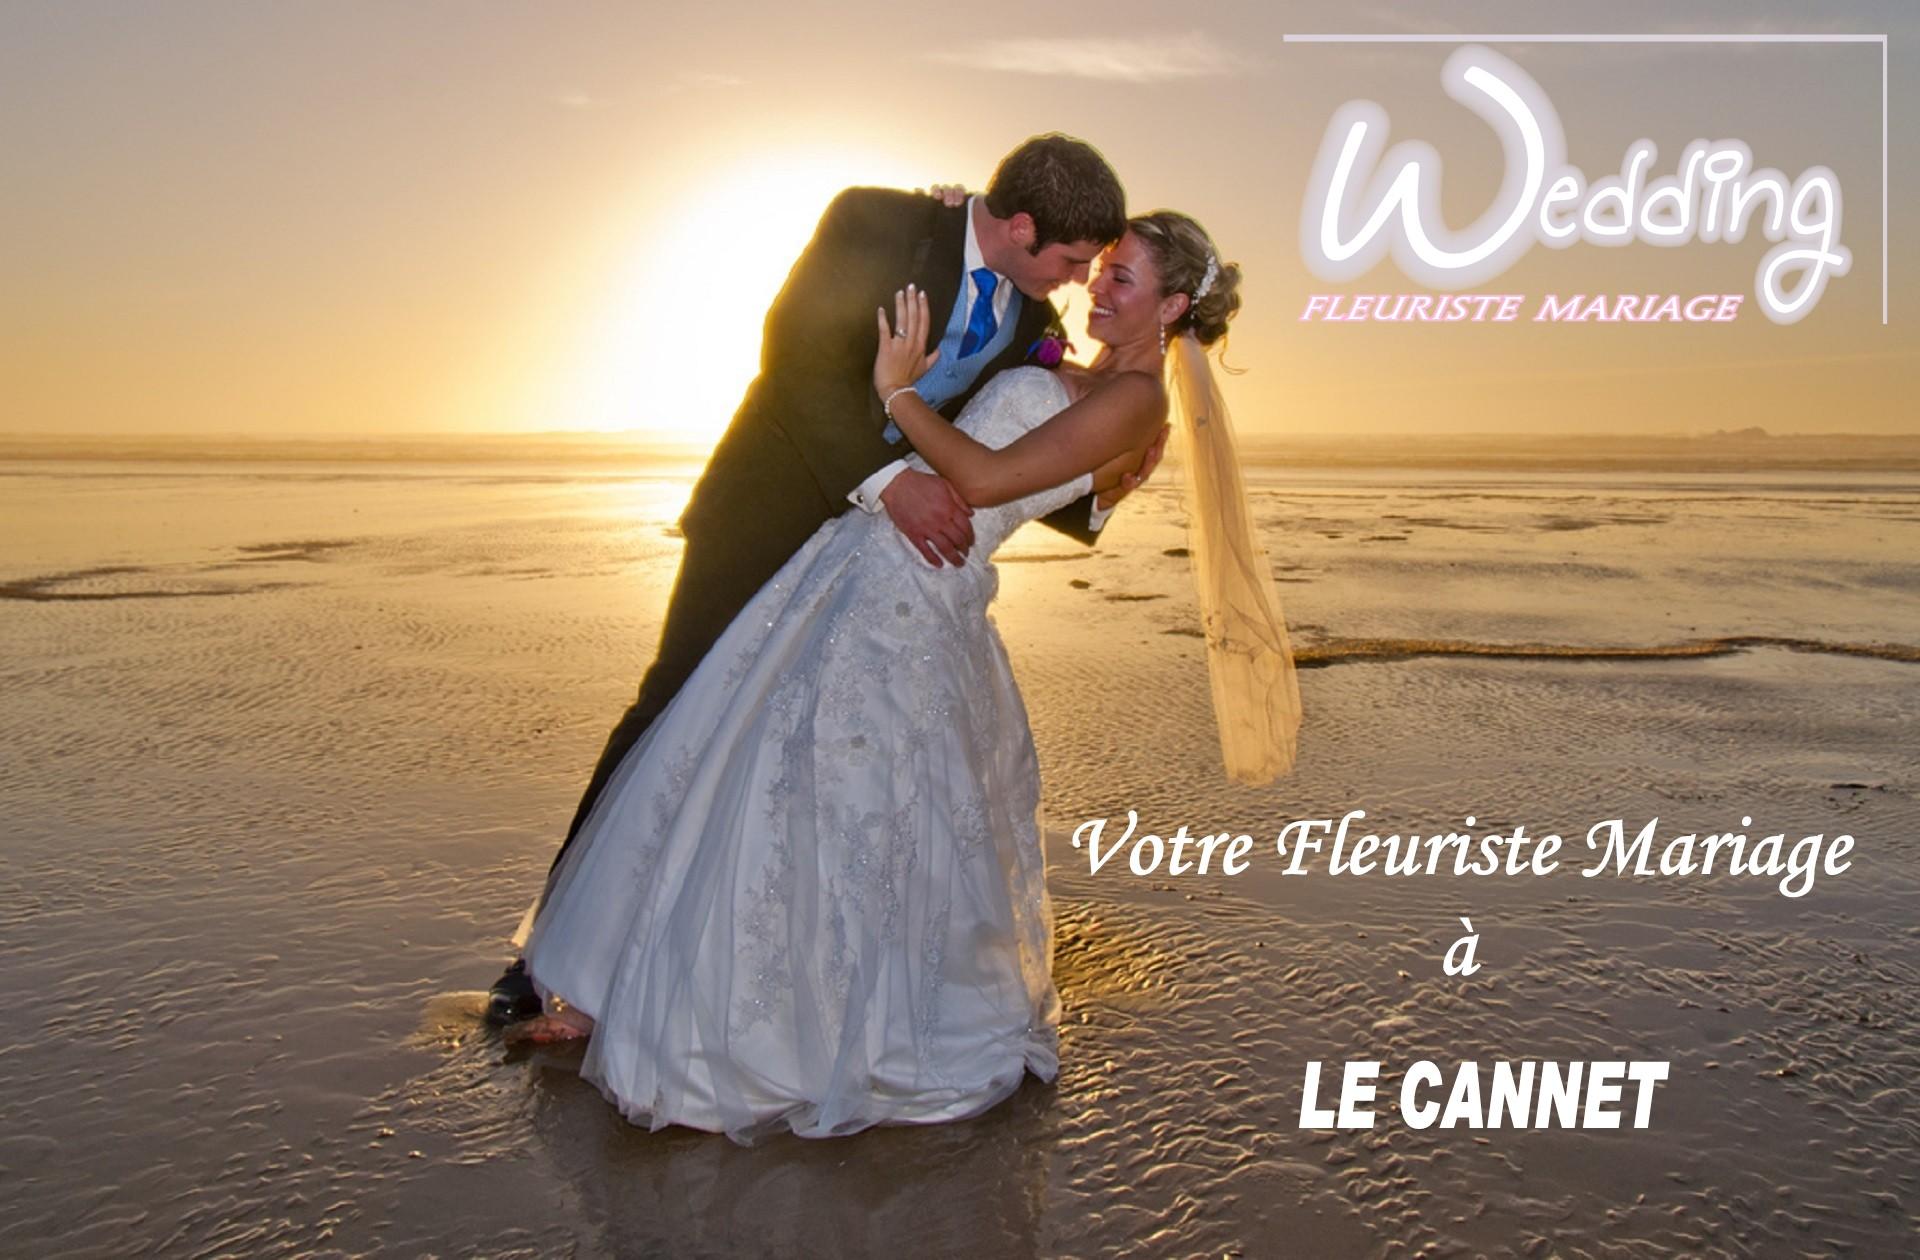 FLEURISTE MARIAGE LE CANNET - WEDDING PLANNER LE CANNET - TRAITEUR LE CANNET